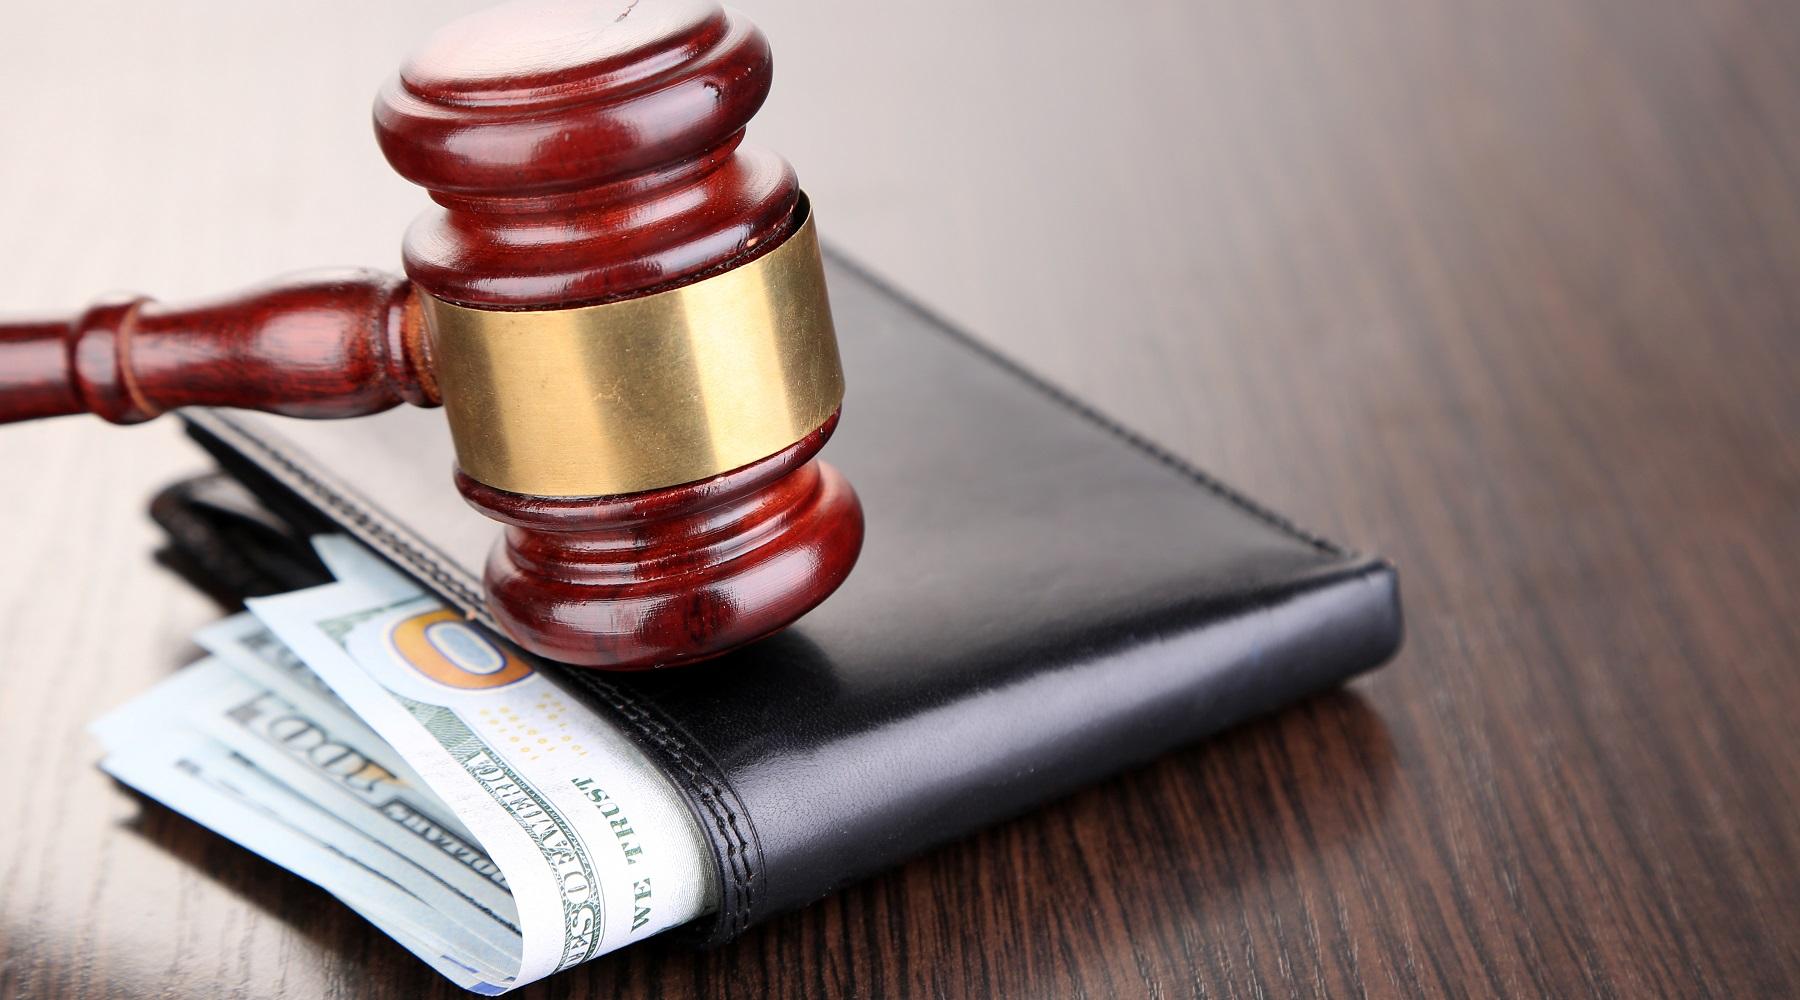 Decreto ingiuntivo per crediti professionali: non sono prove la fattura e la copia autentica del registro IVA